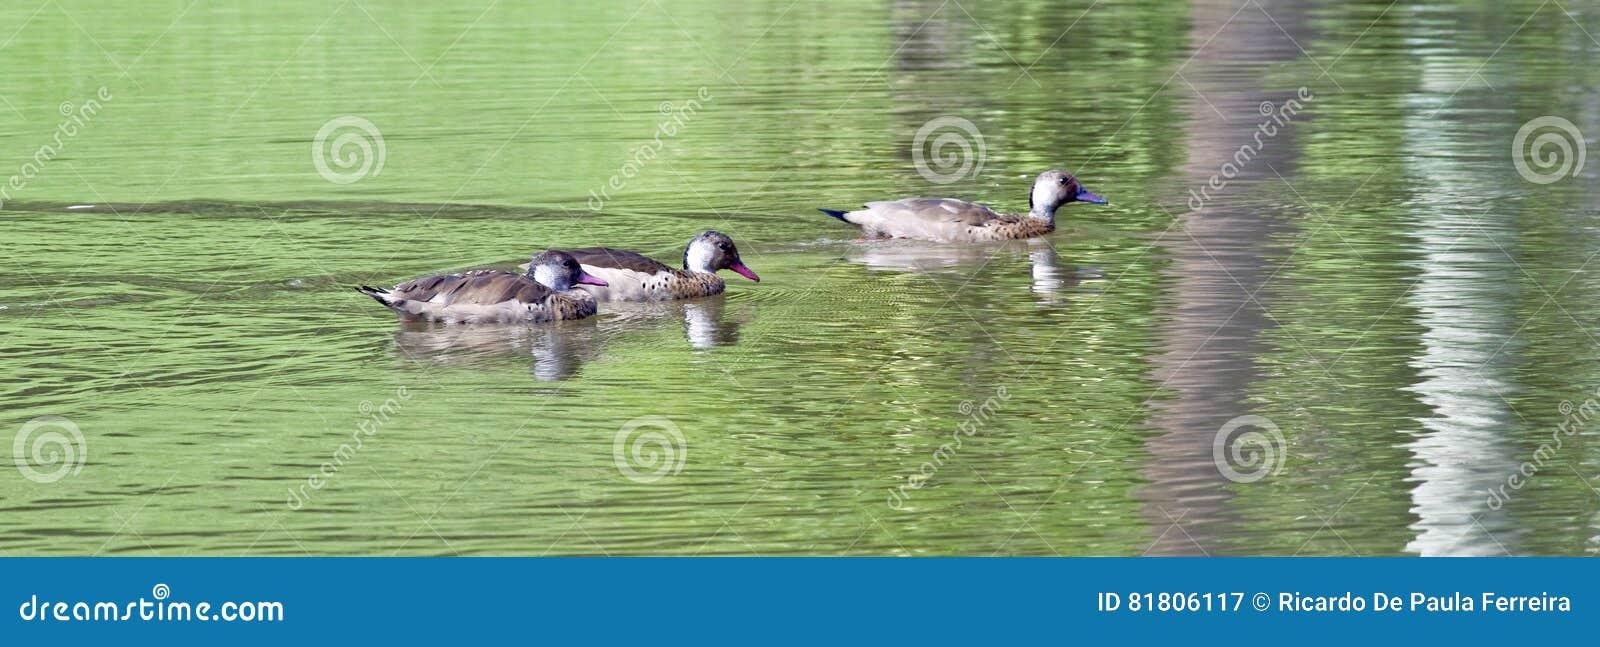 Бразильское заплывание teal в зеленоватом озере